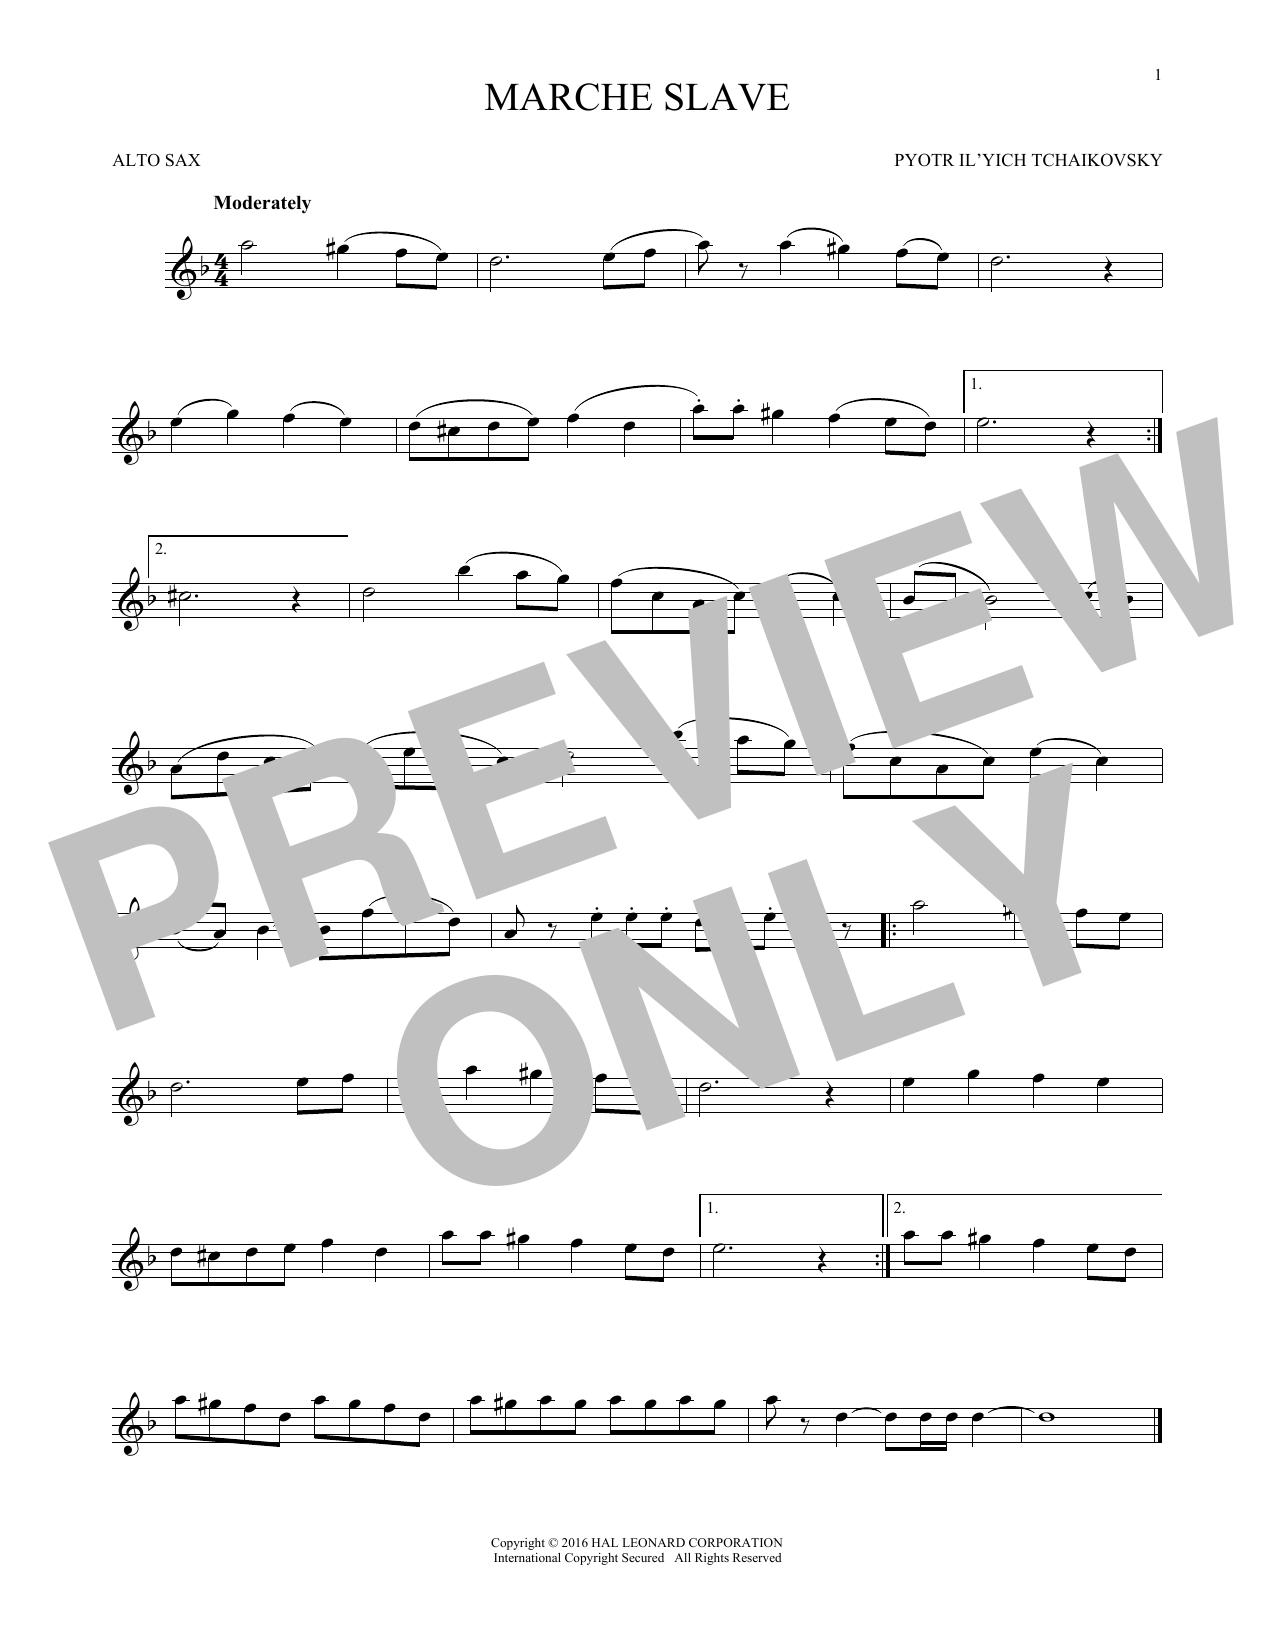 Marche Slav, Op. 31 (Alto Sax Solo)